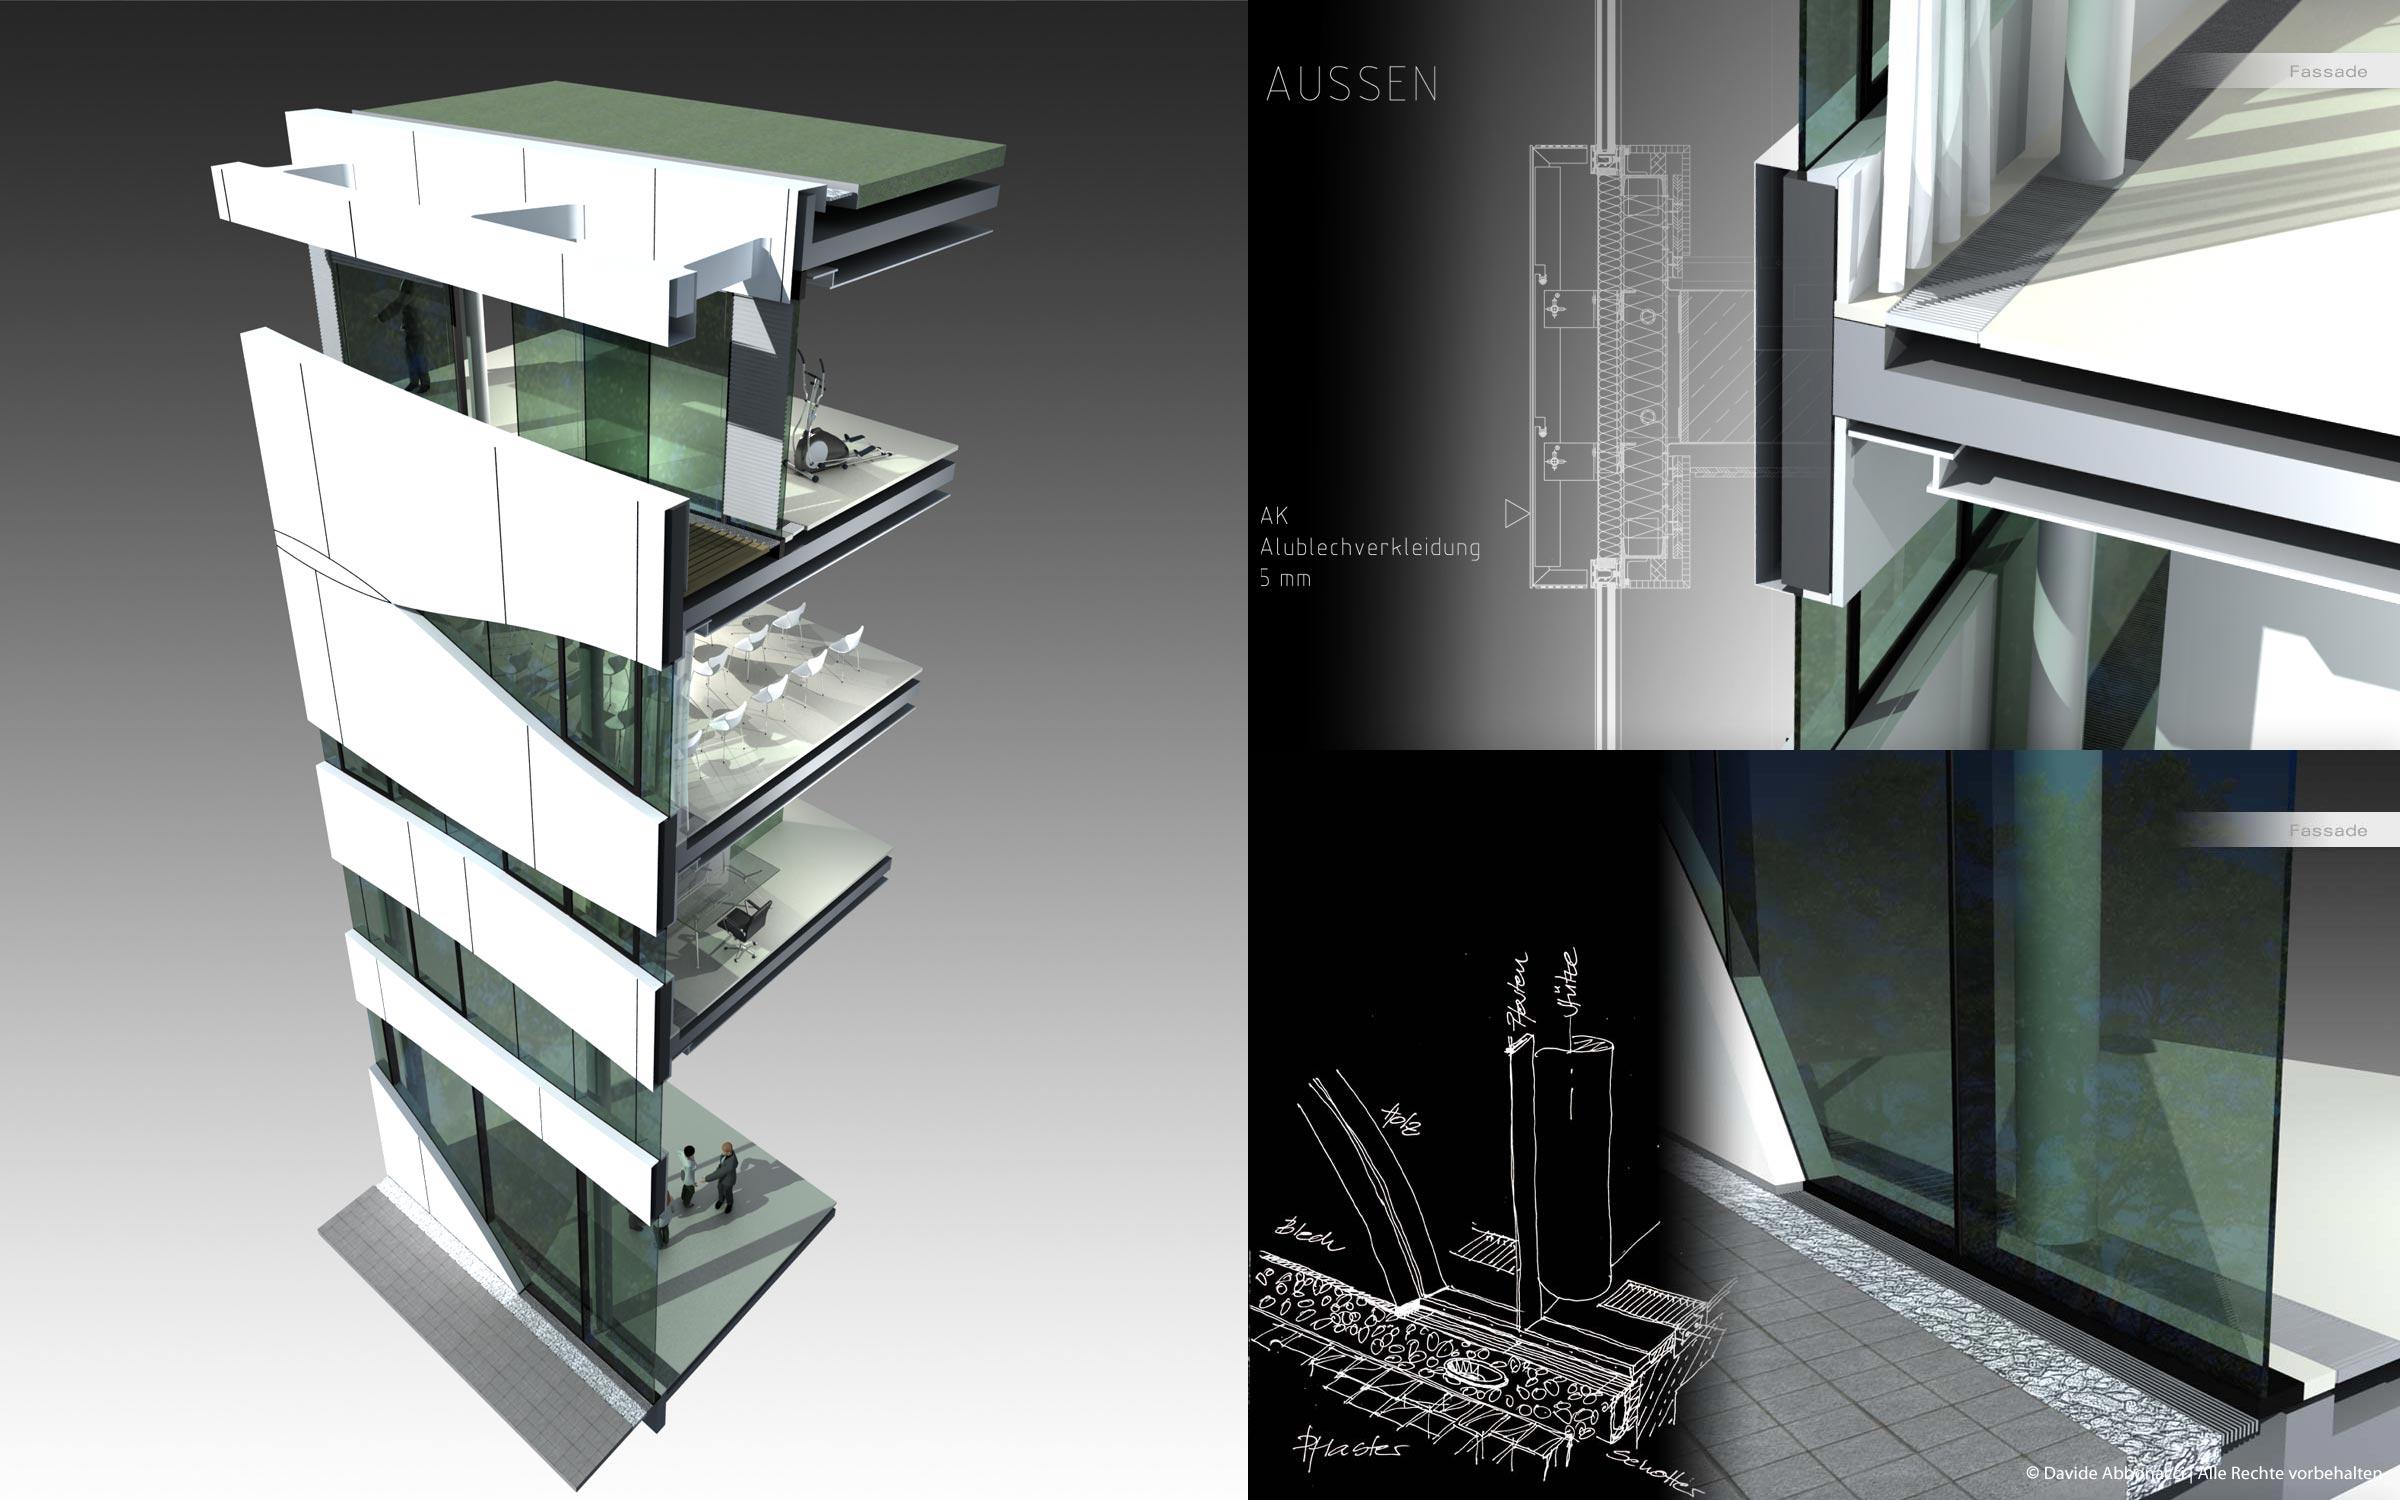 3d schnitte und fassadendetails davide abbonacci 3d visualisierung berlin. Black Bedroom Furniture Sets. Home Design Ideas